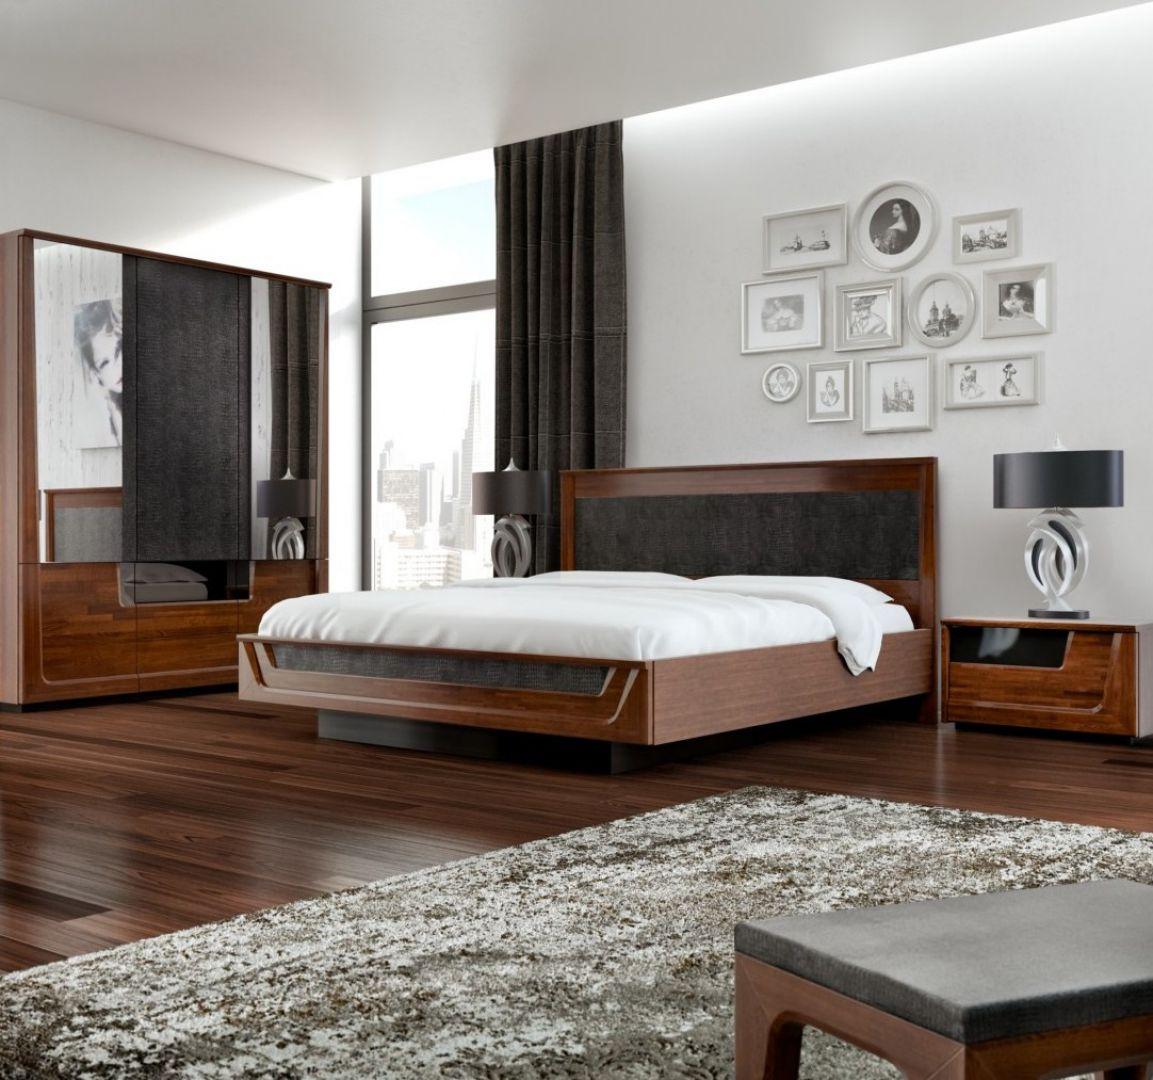 Łóżko, tak jak pozostałe sprzęty w sypialni, powinno mieć swój styl. Spowite w miękkie jedwabie, szlachetne atłasy i dekoracyjne adamaszki, jest przecież najpiękniejszą ozdobą tego pomieszczenia.  Fot. Mebin